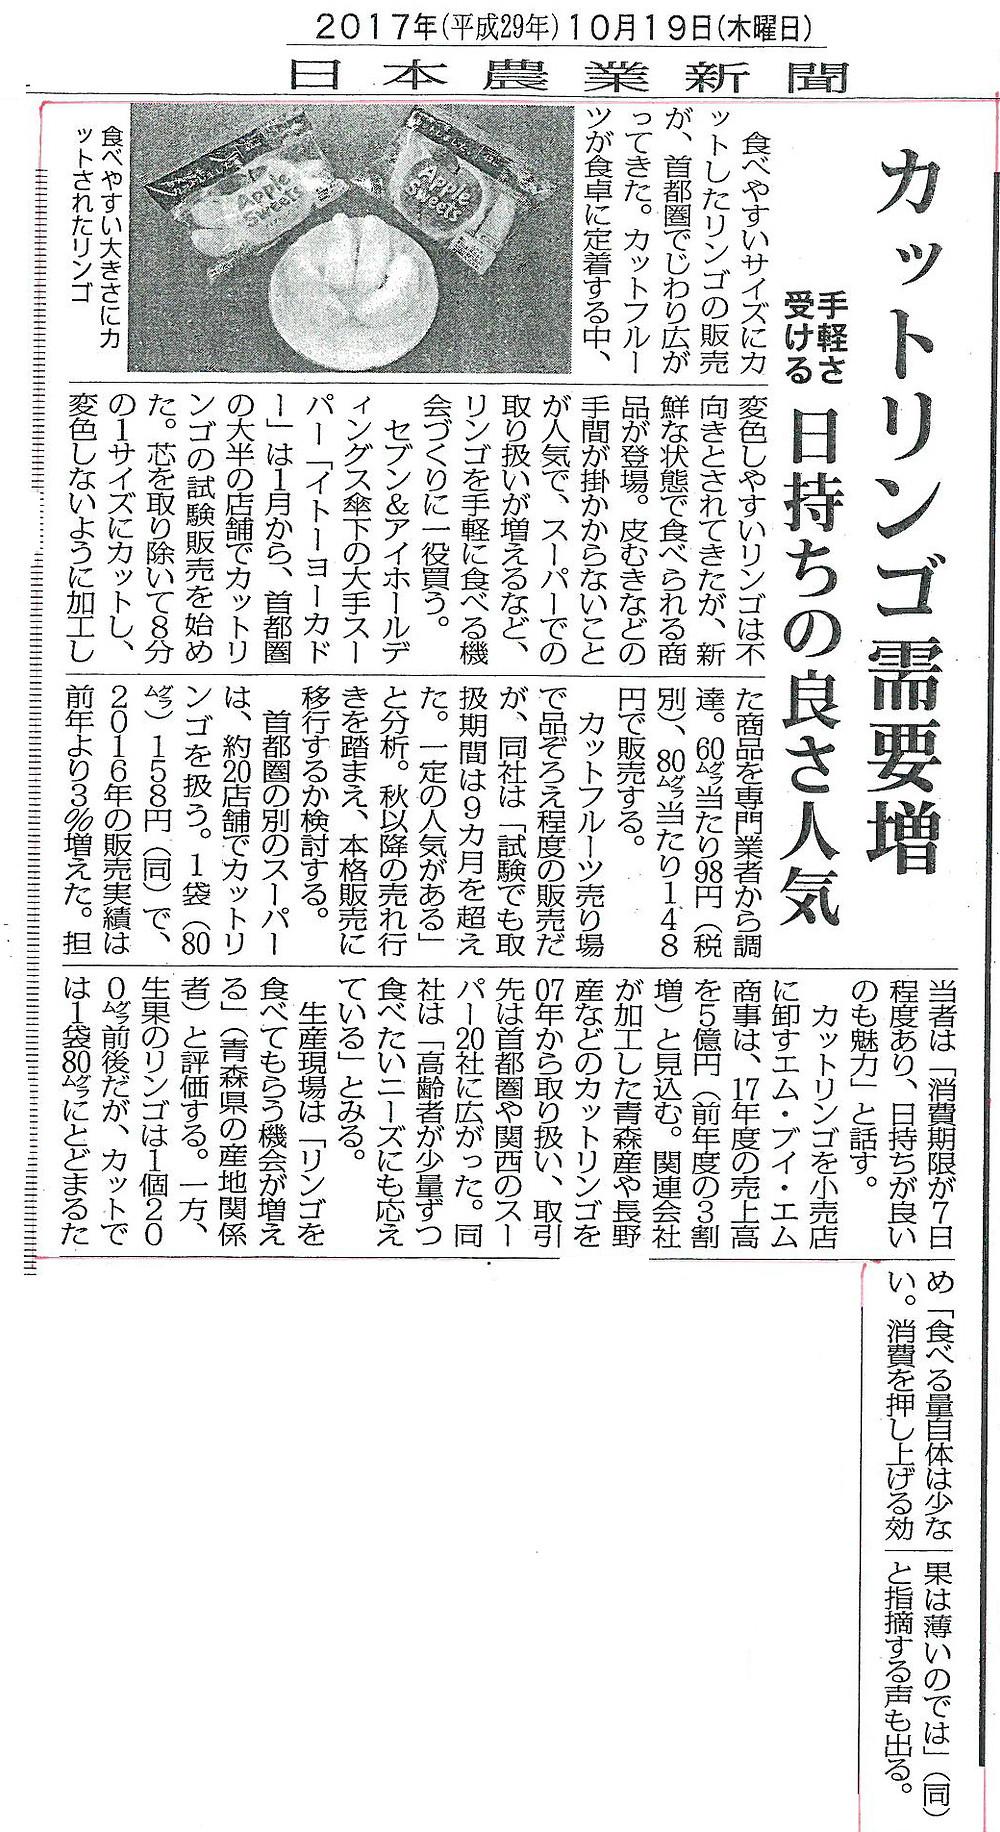 日本農業新聞20171019